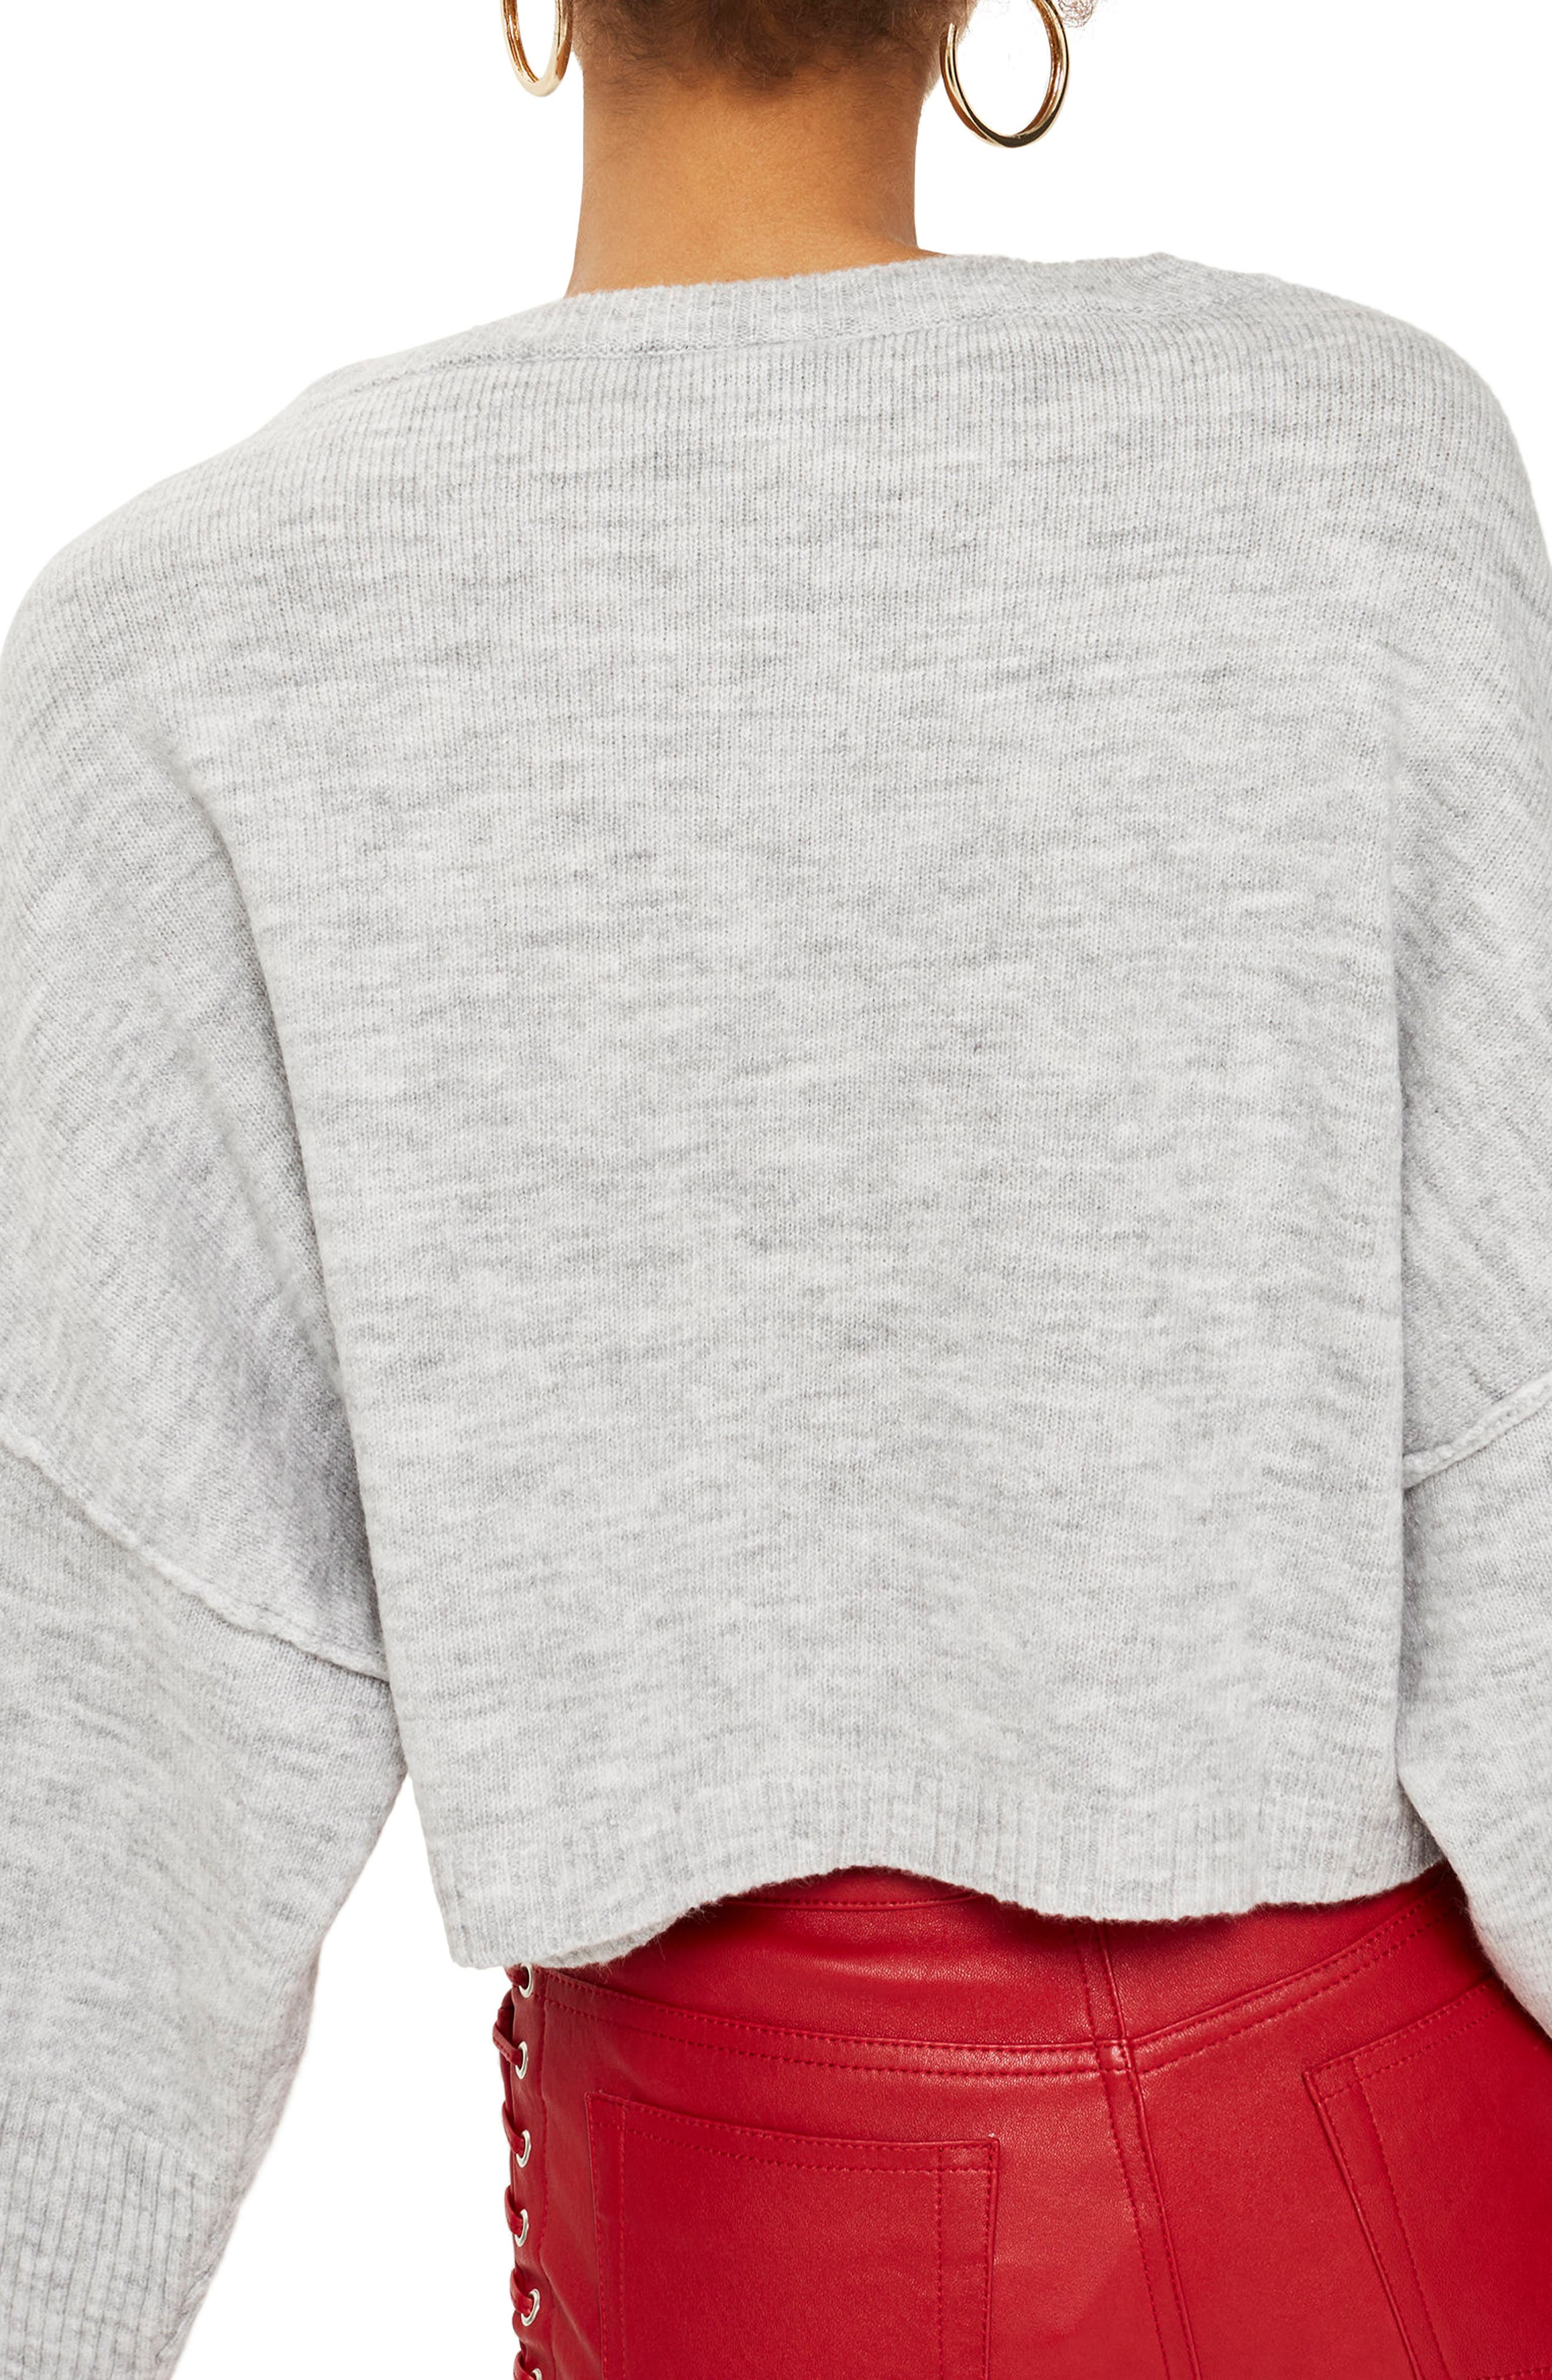 Alternate Image 2  - Topshop Wide Sleeve Crop Sweater